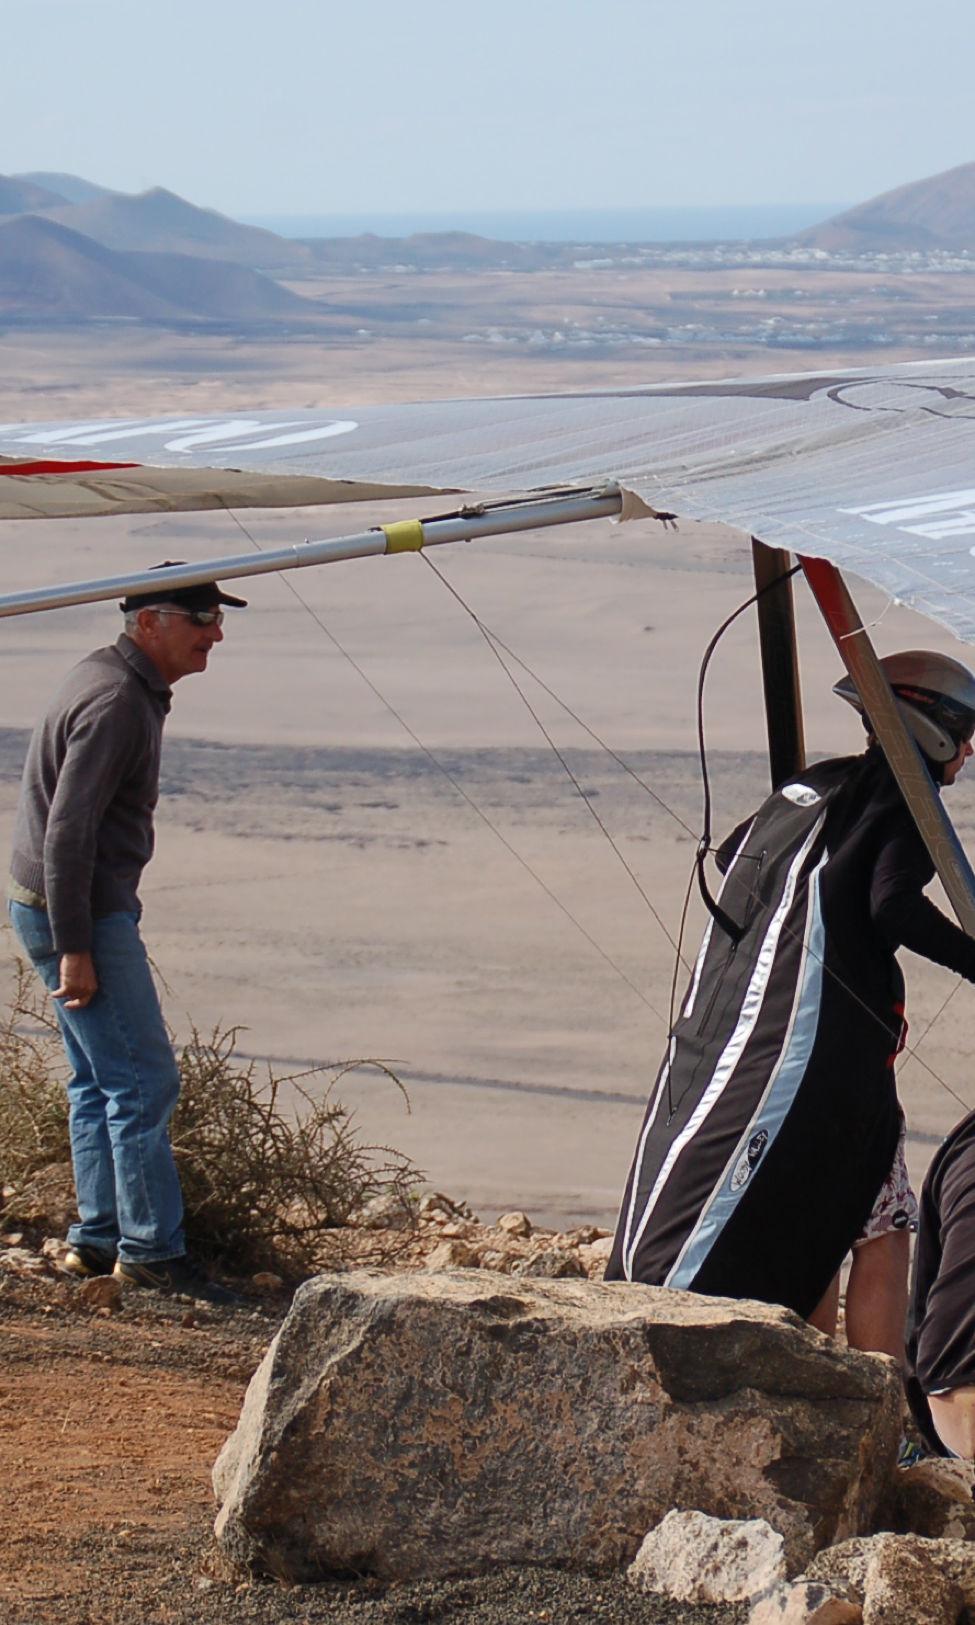 Ala delta Lanzarote, aprende a volar en ala delta